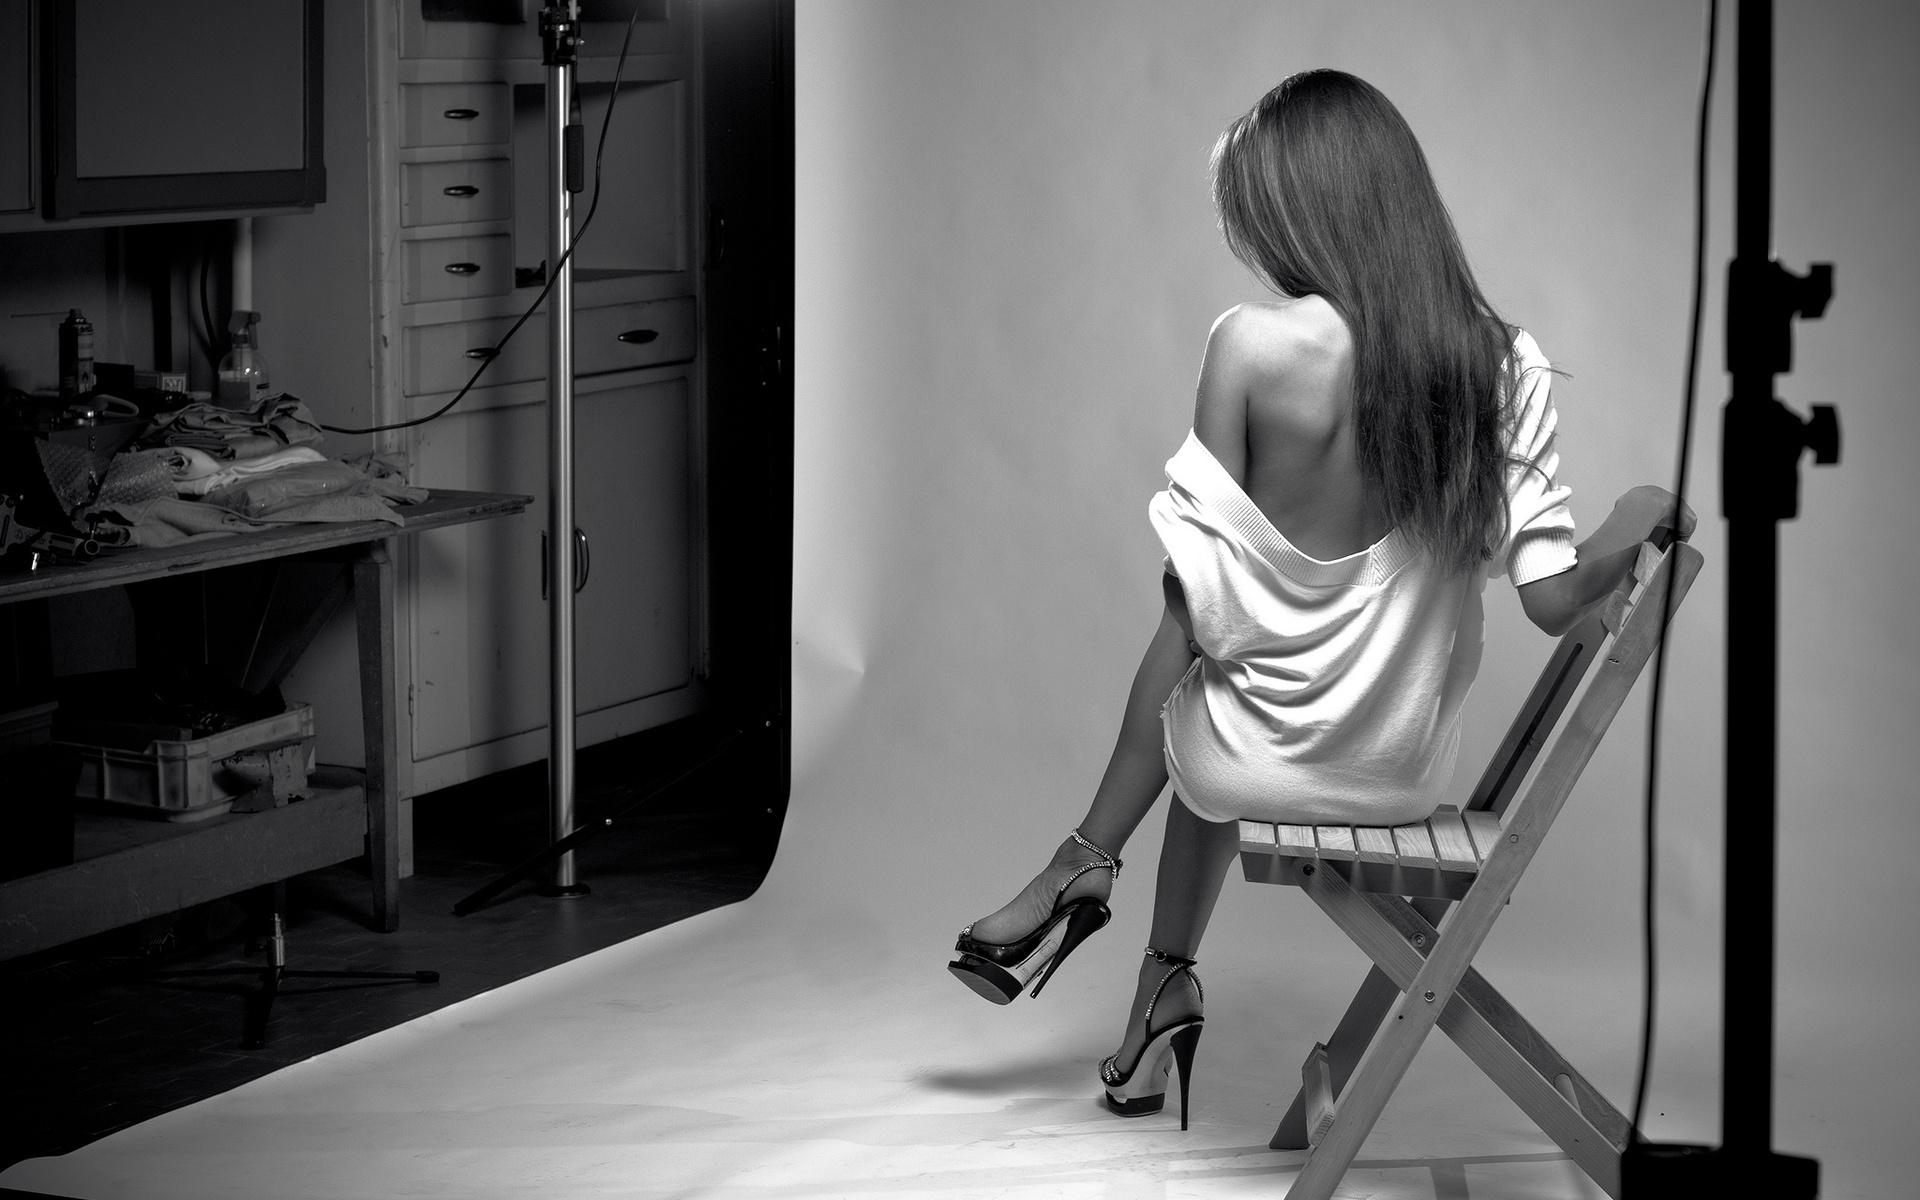 Профессиональный минет девочки мужчине фото 2 фотография